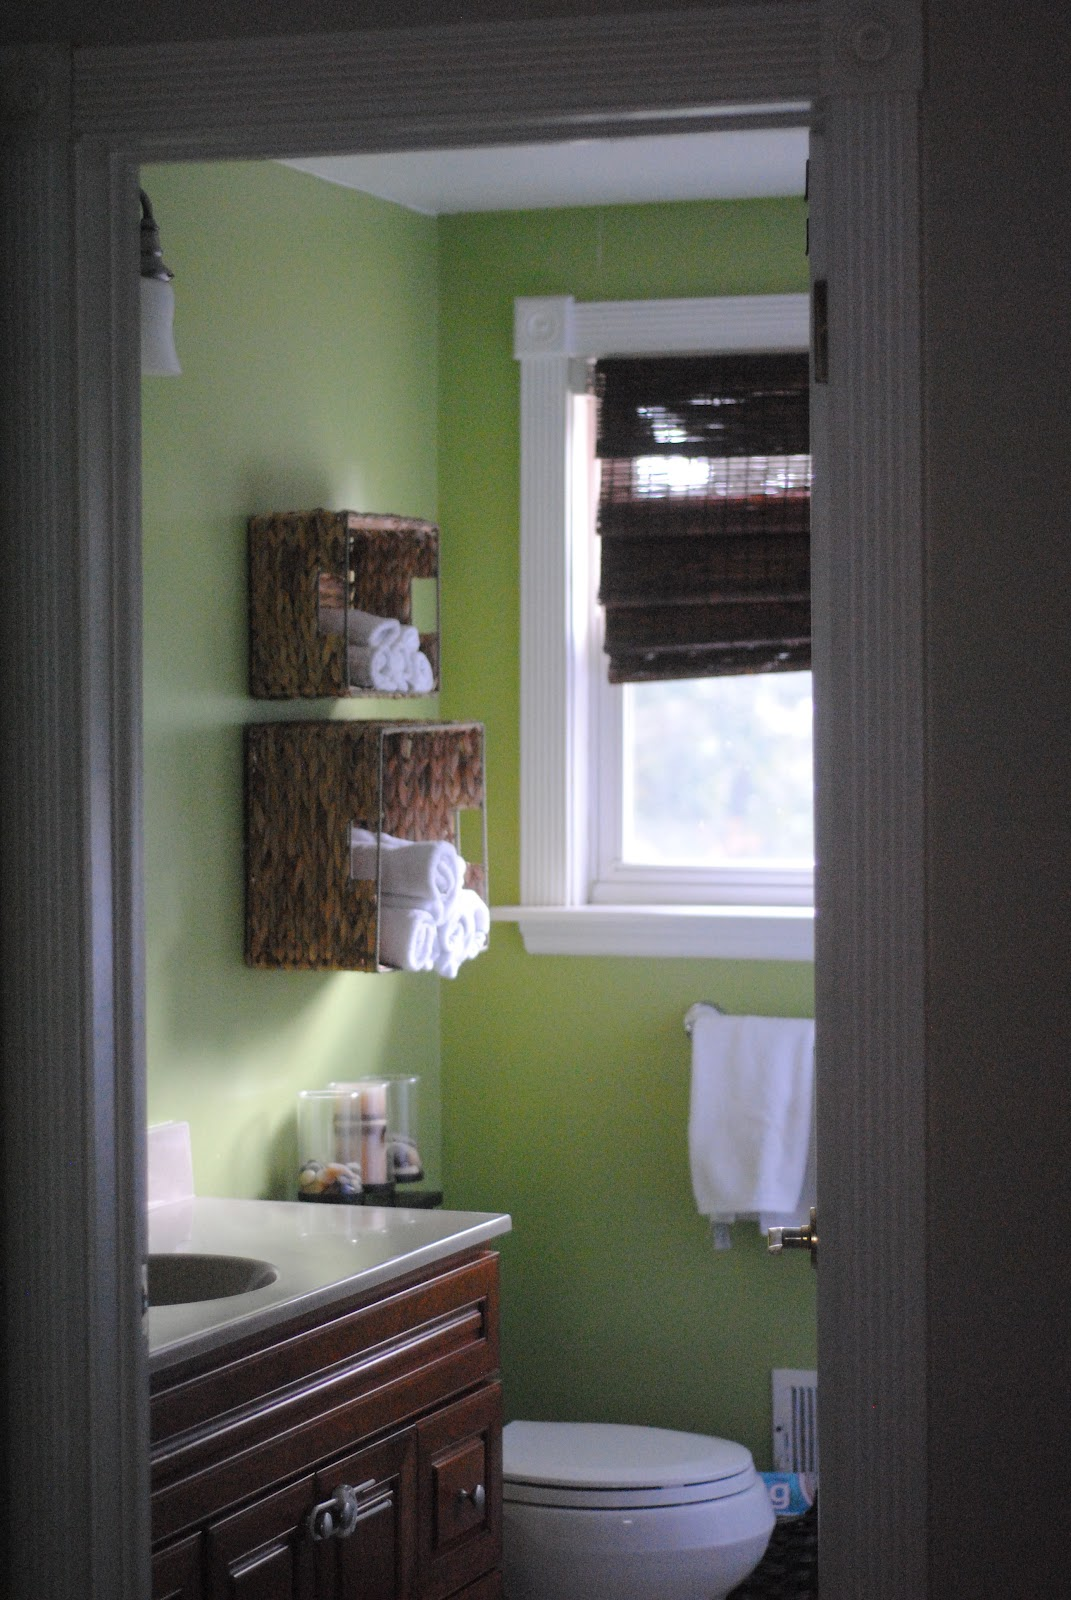 DIY Bathroom Towel Storage in Under 5 Minutes  Making